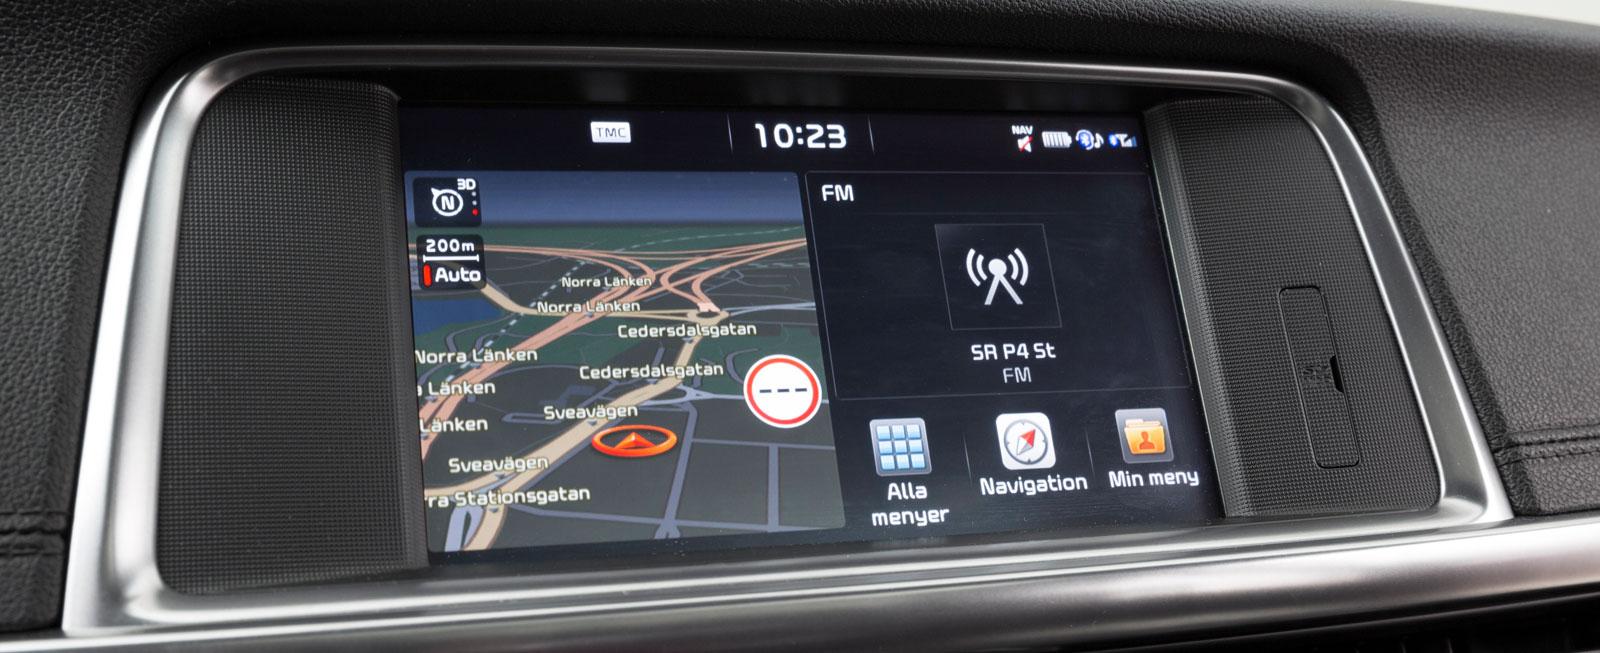 Här sköts främst  inställningar för navigation, radio och kommunikation. Bilinställningar gör man med reglage på ratten i instrumentklustrets lilla display.